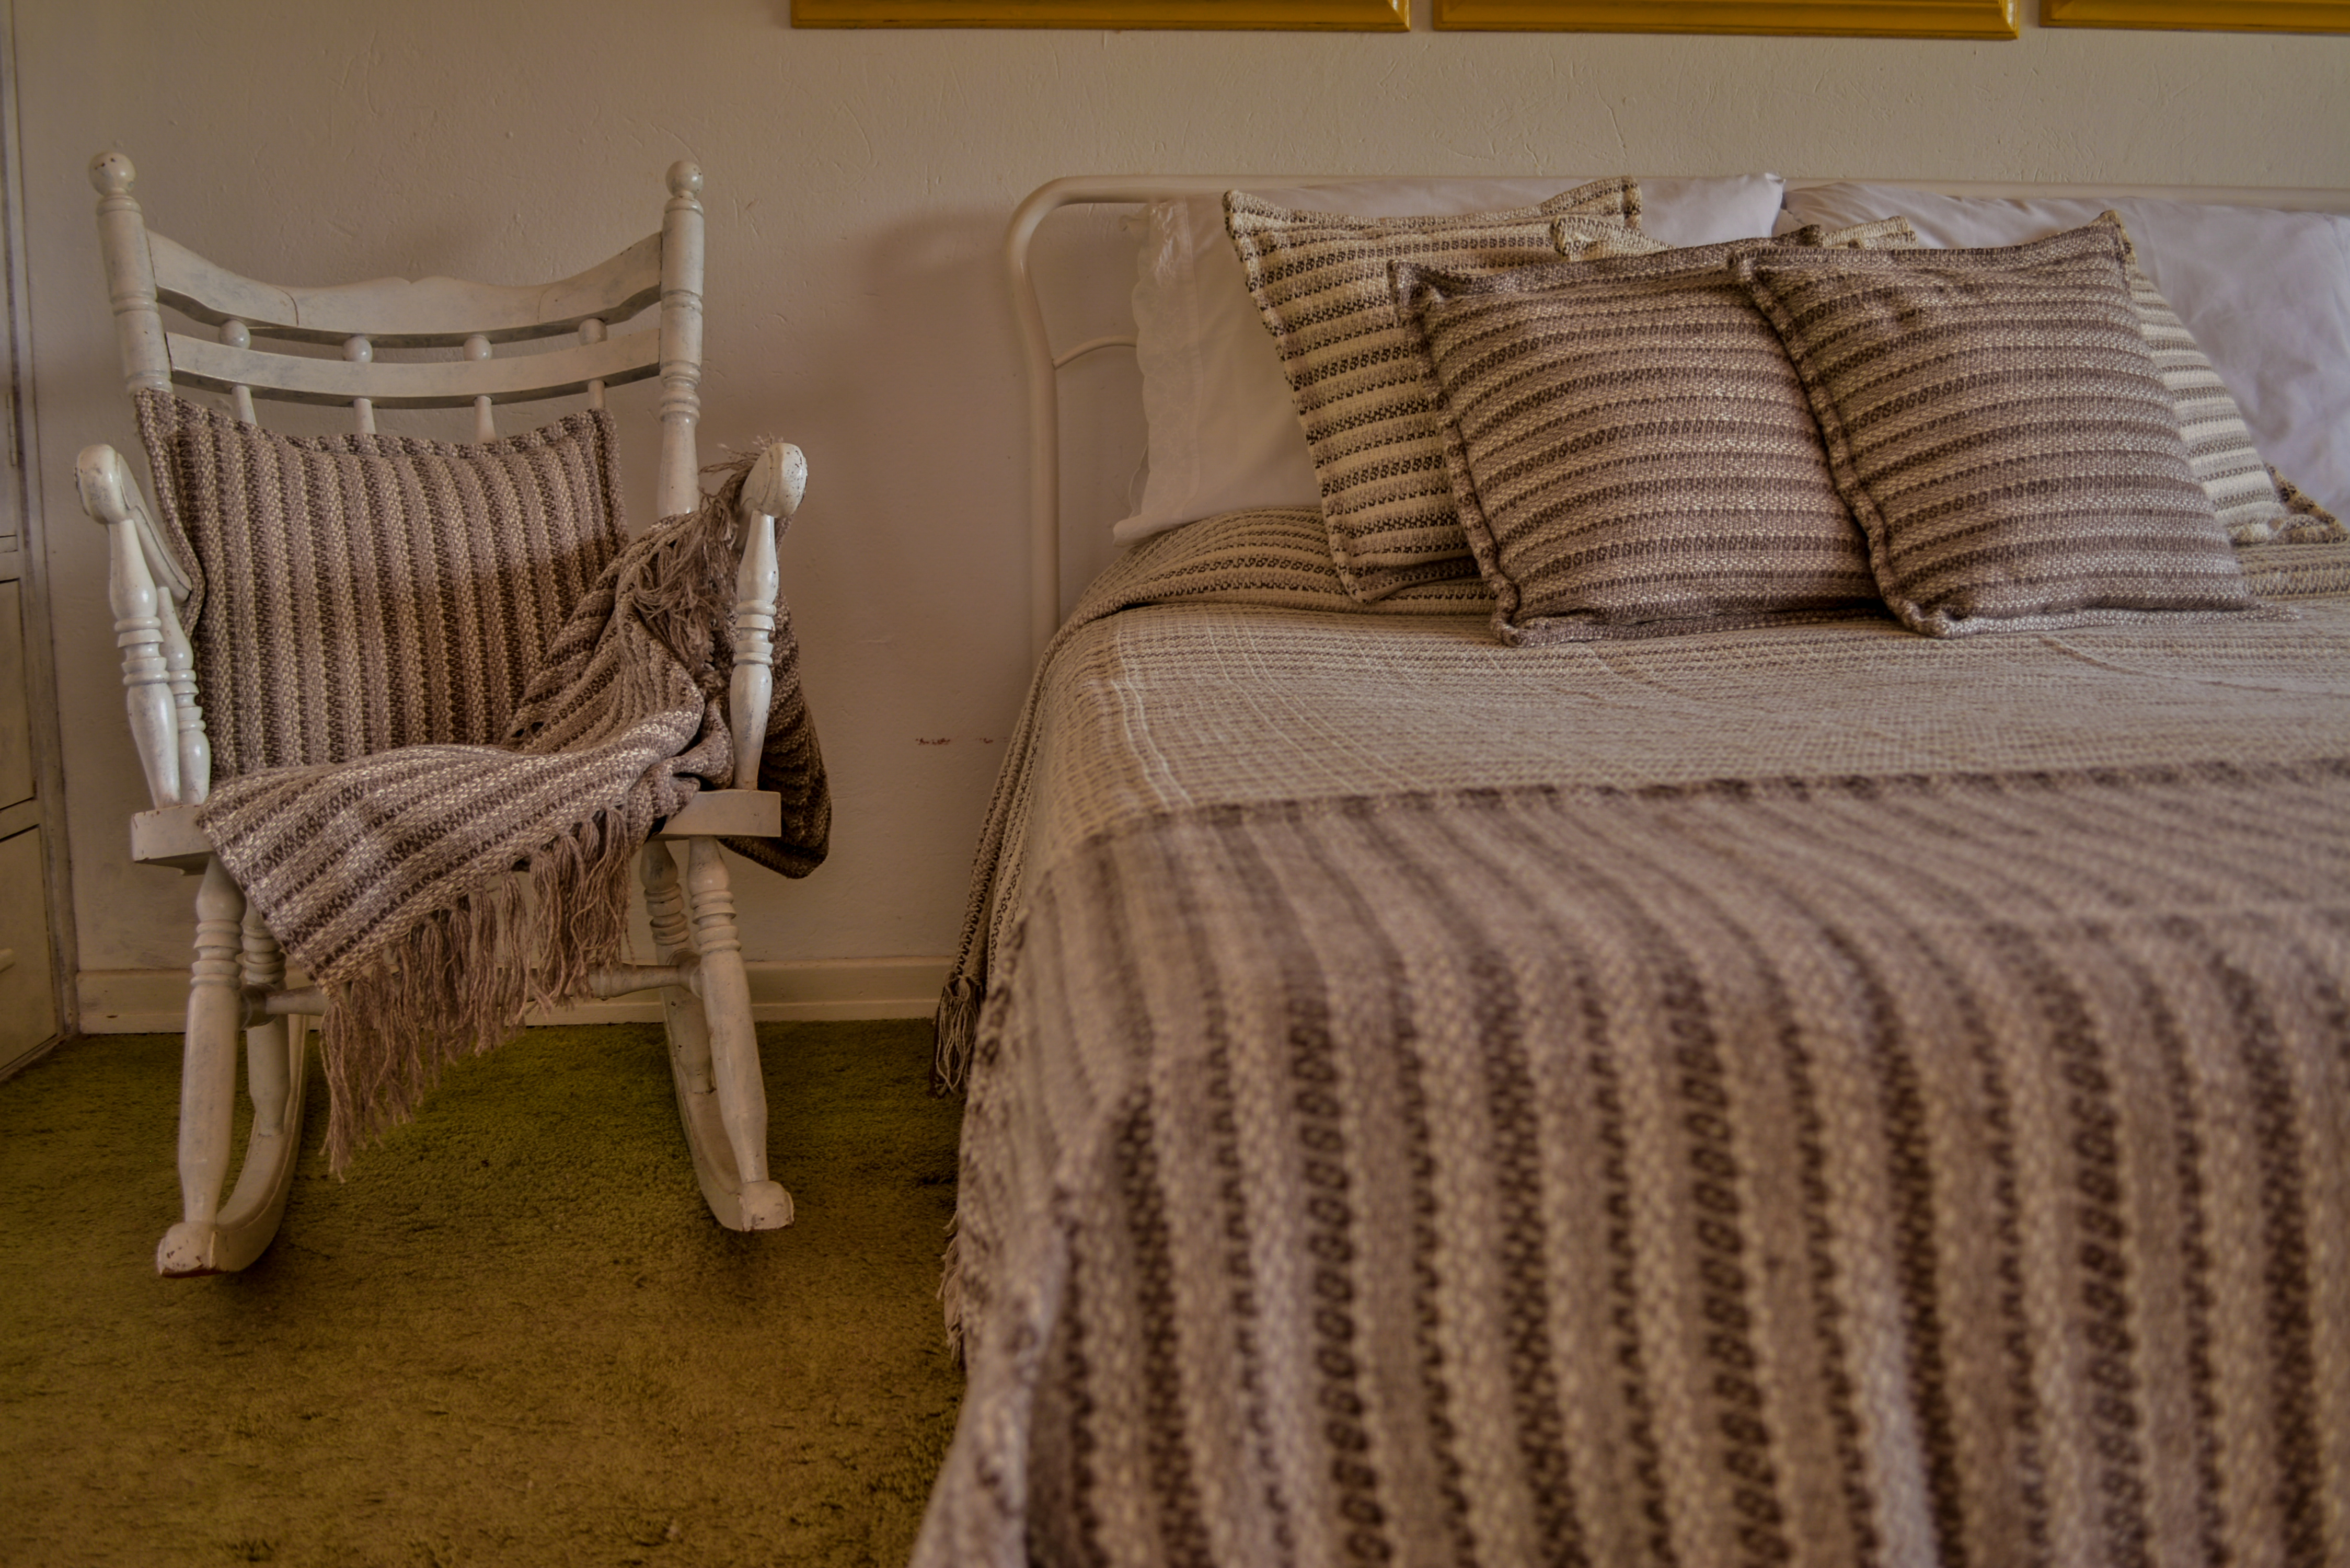 Cubrecama de lana tejido en telar